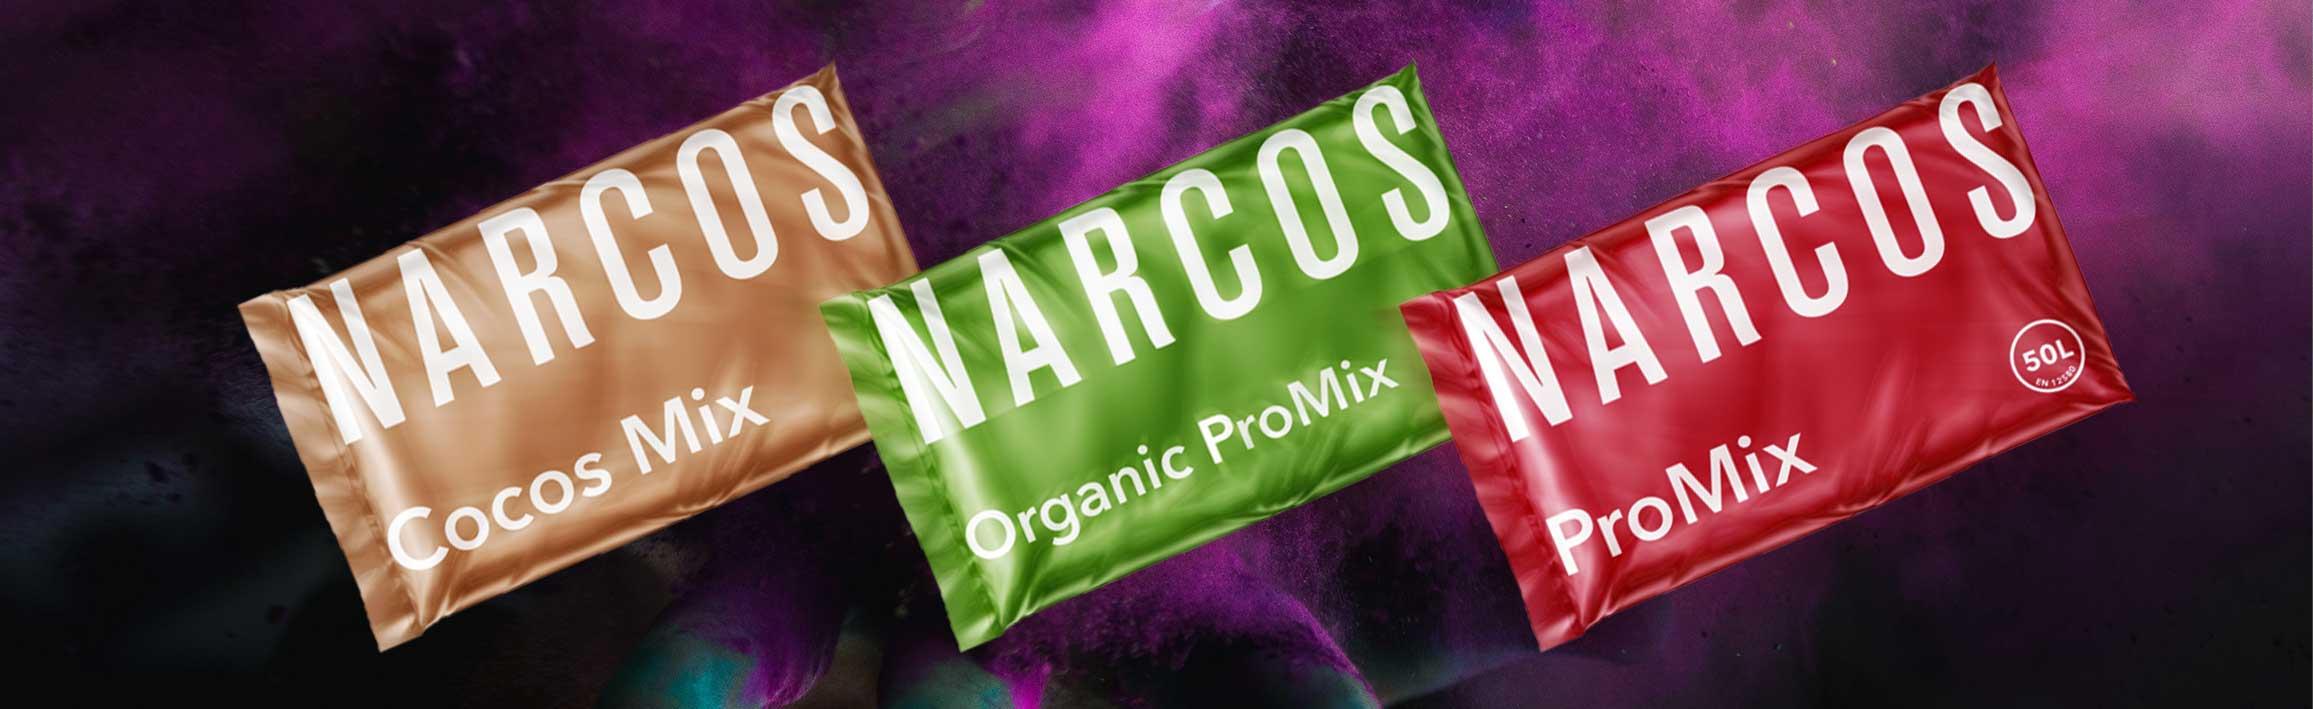 Narcos Cocos Mix 50L